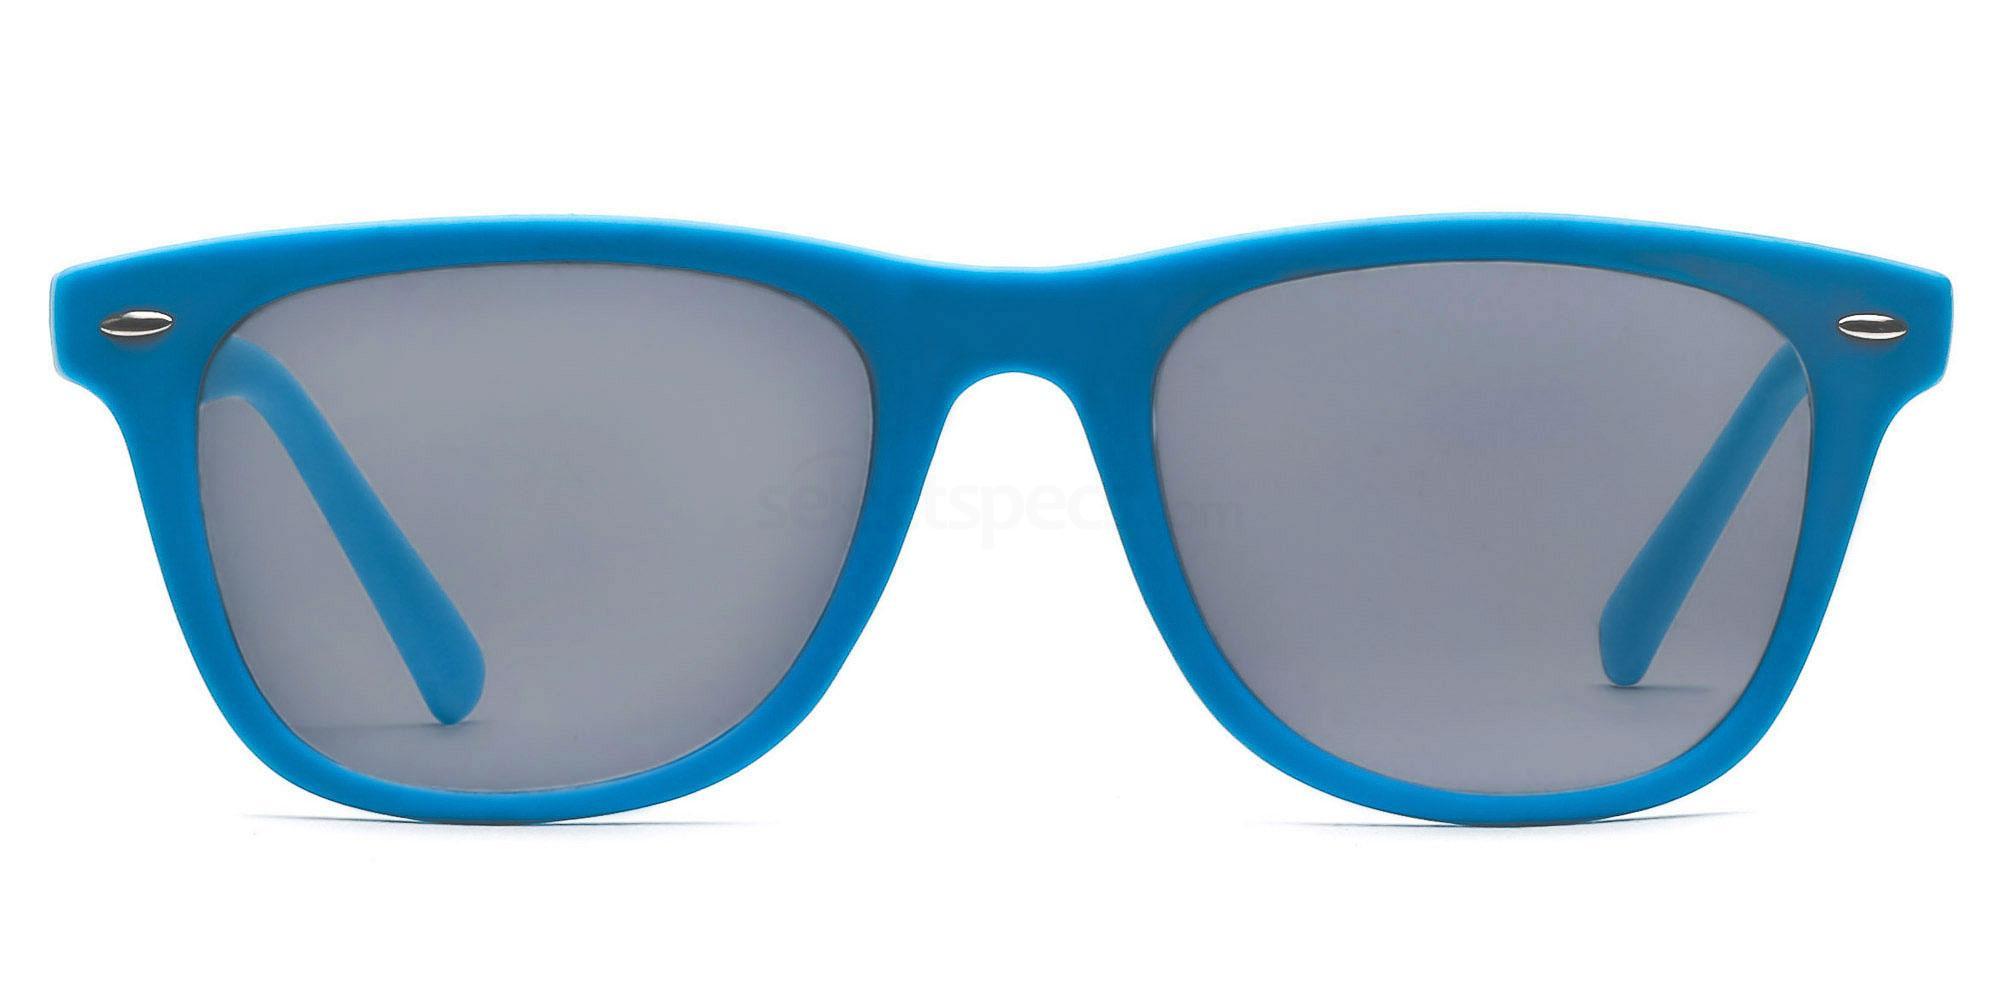 C5 8121 - Light Blue (Sunglasses) Sunglasses, Savannah